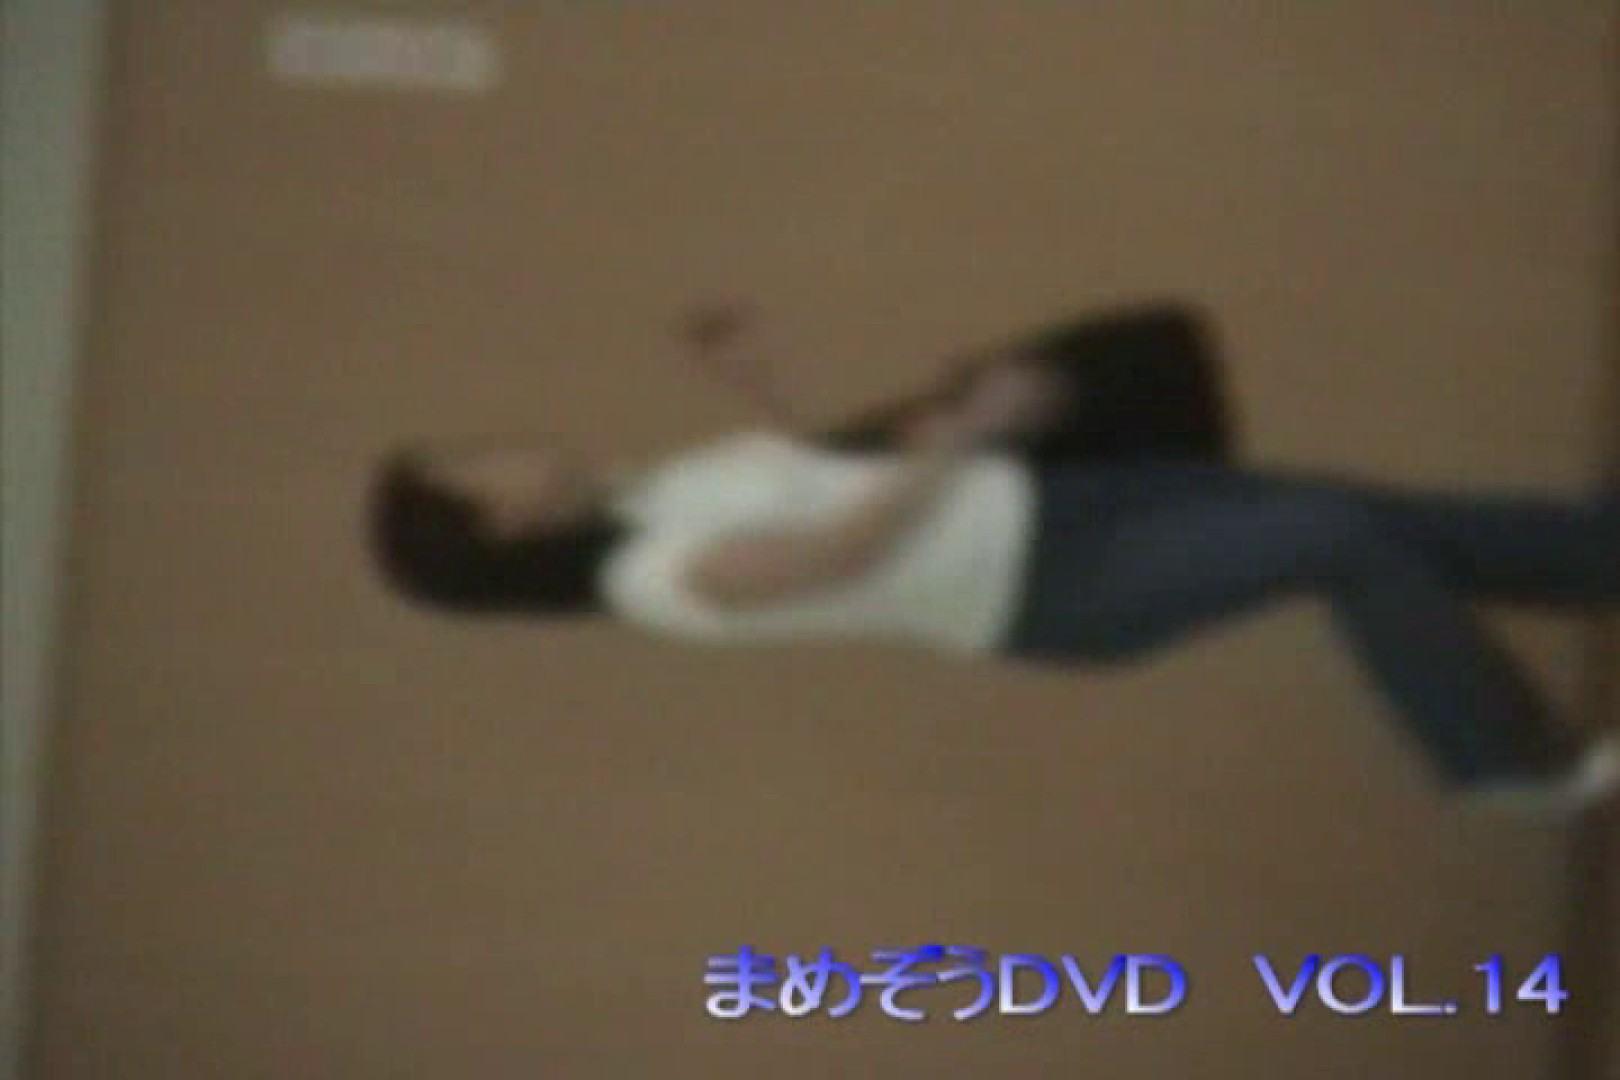 巨乳おまんこ:まめぞうDVD完全版VOL.14:怪盗ジョーカー